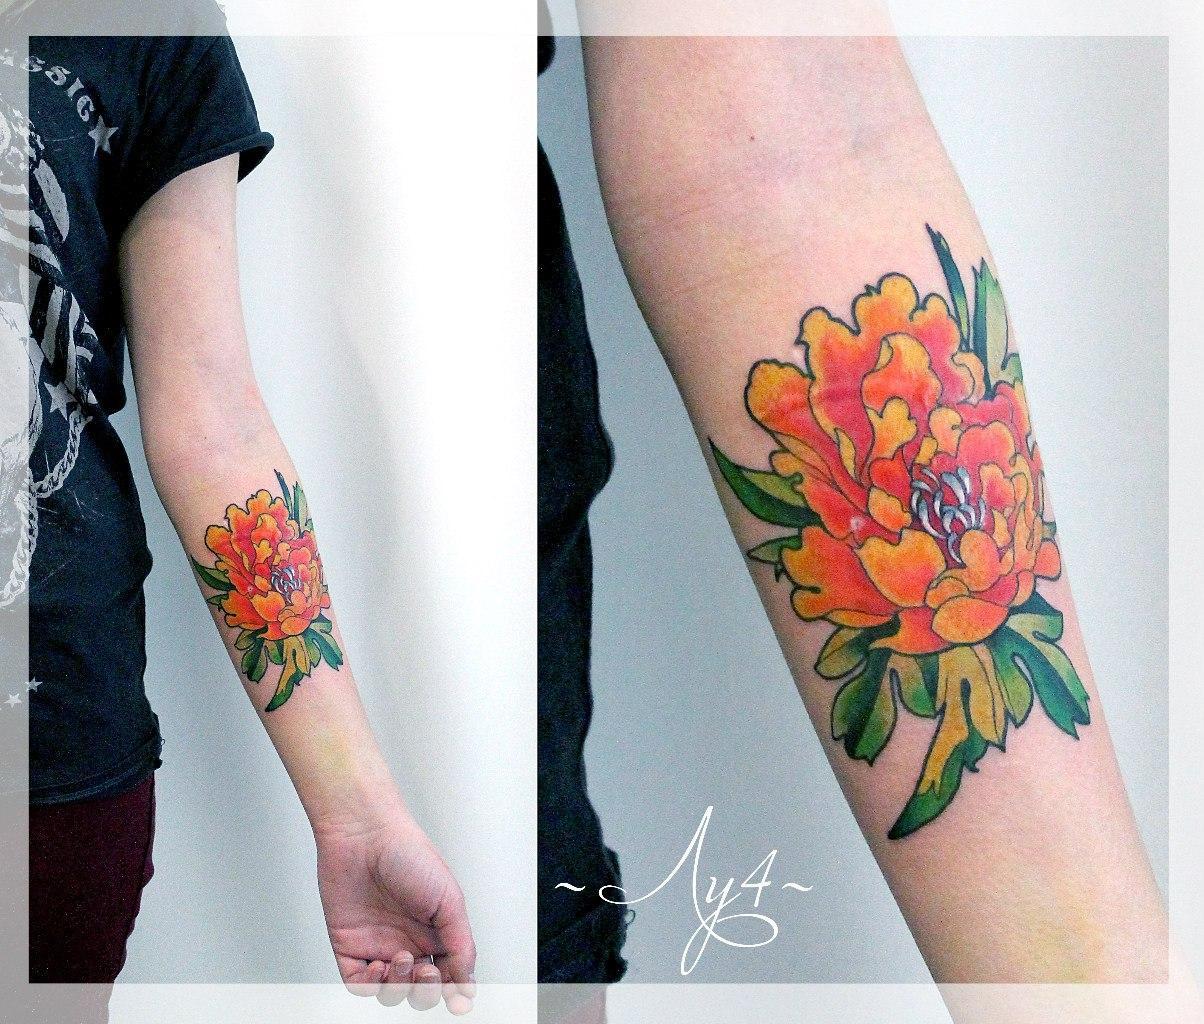 Художественная татуировка «Пион». Мастер Катя Луч.